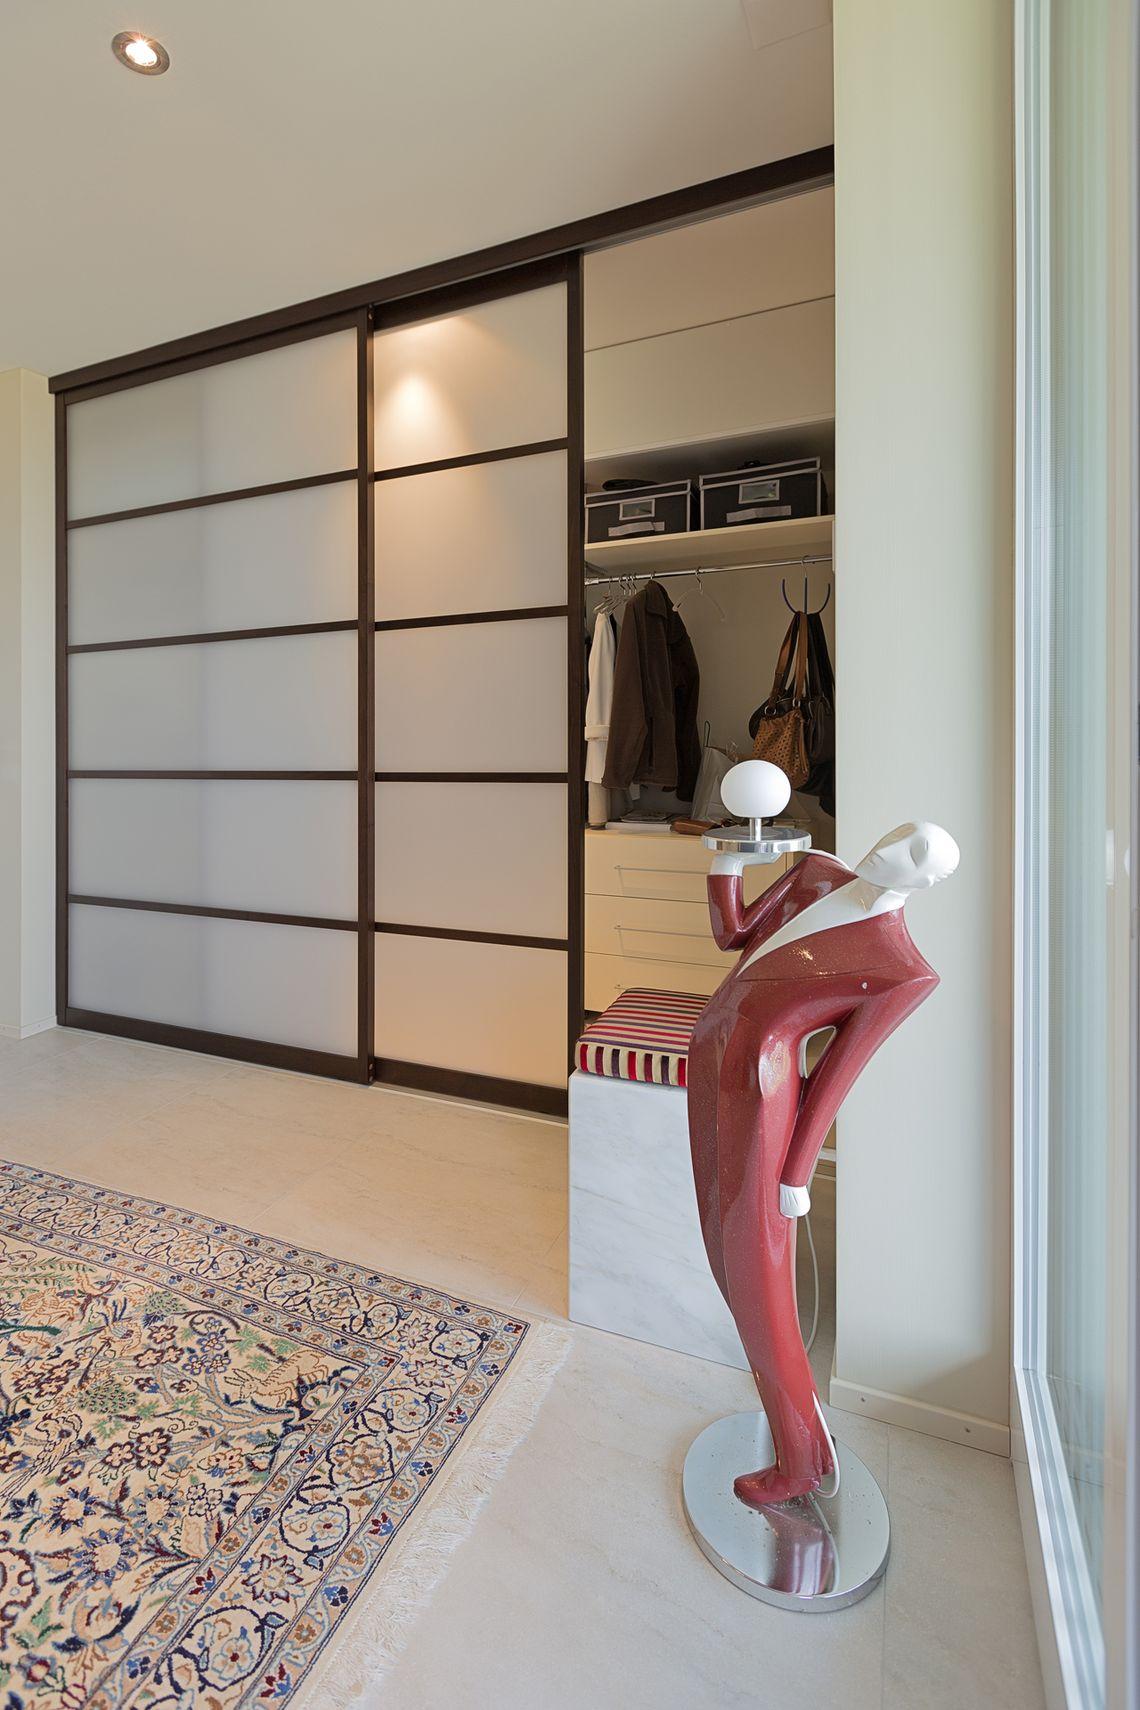 einbau schiebet renschrank im eingang aus holz und glas. Black Bedroom Furniture Sets. Home Design Ideas